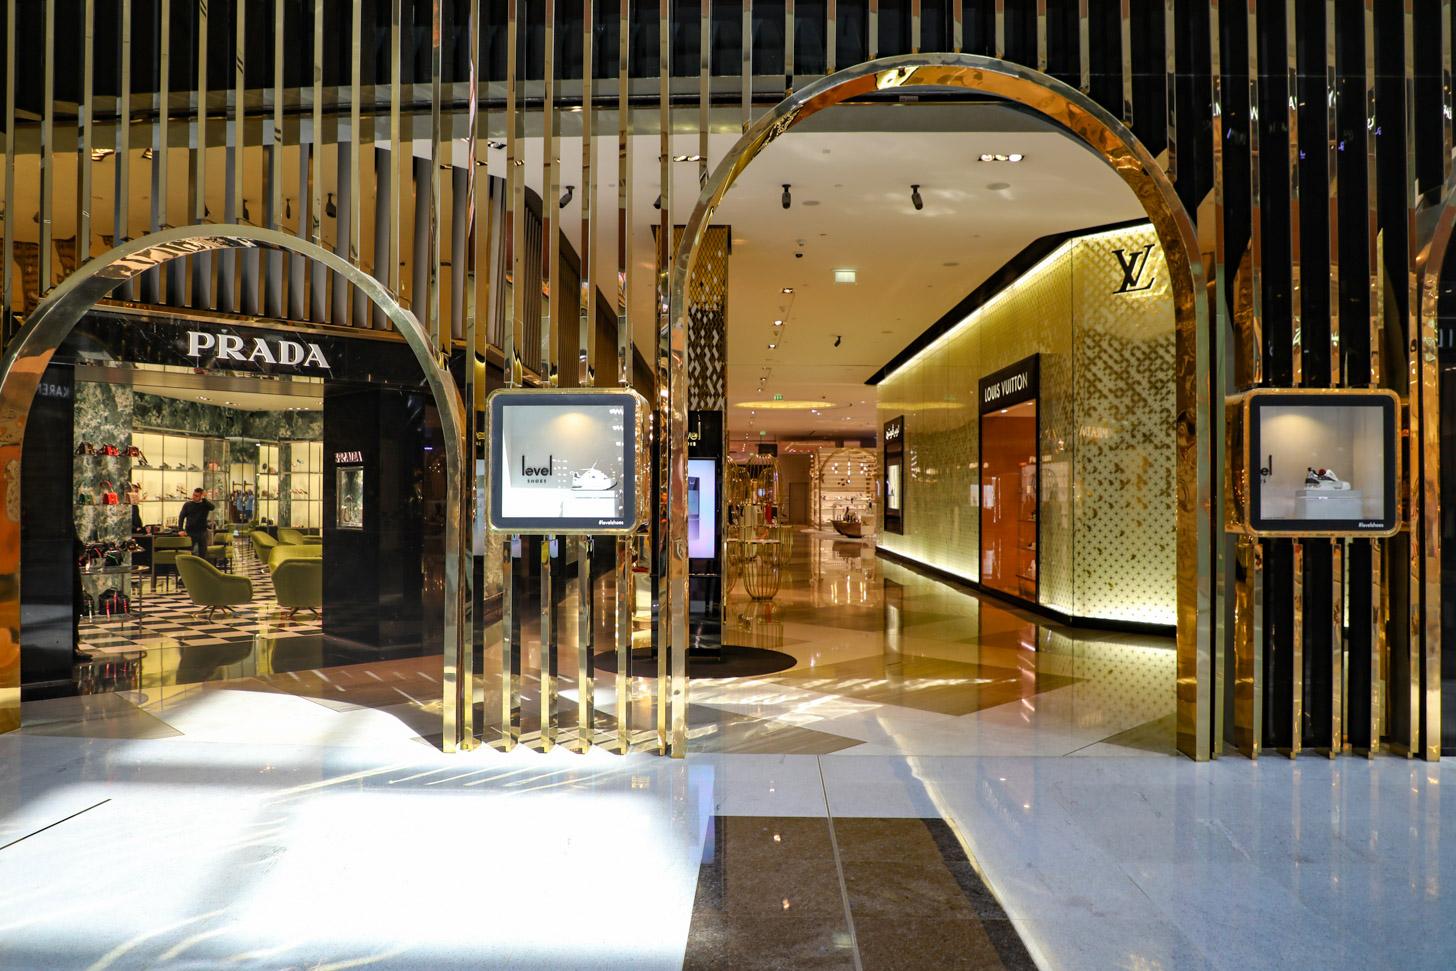 Prada en Louis Vuitton winkels in de Dubai Mall